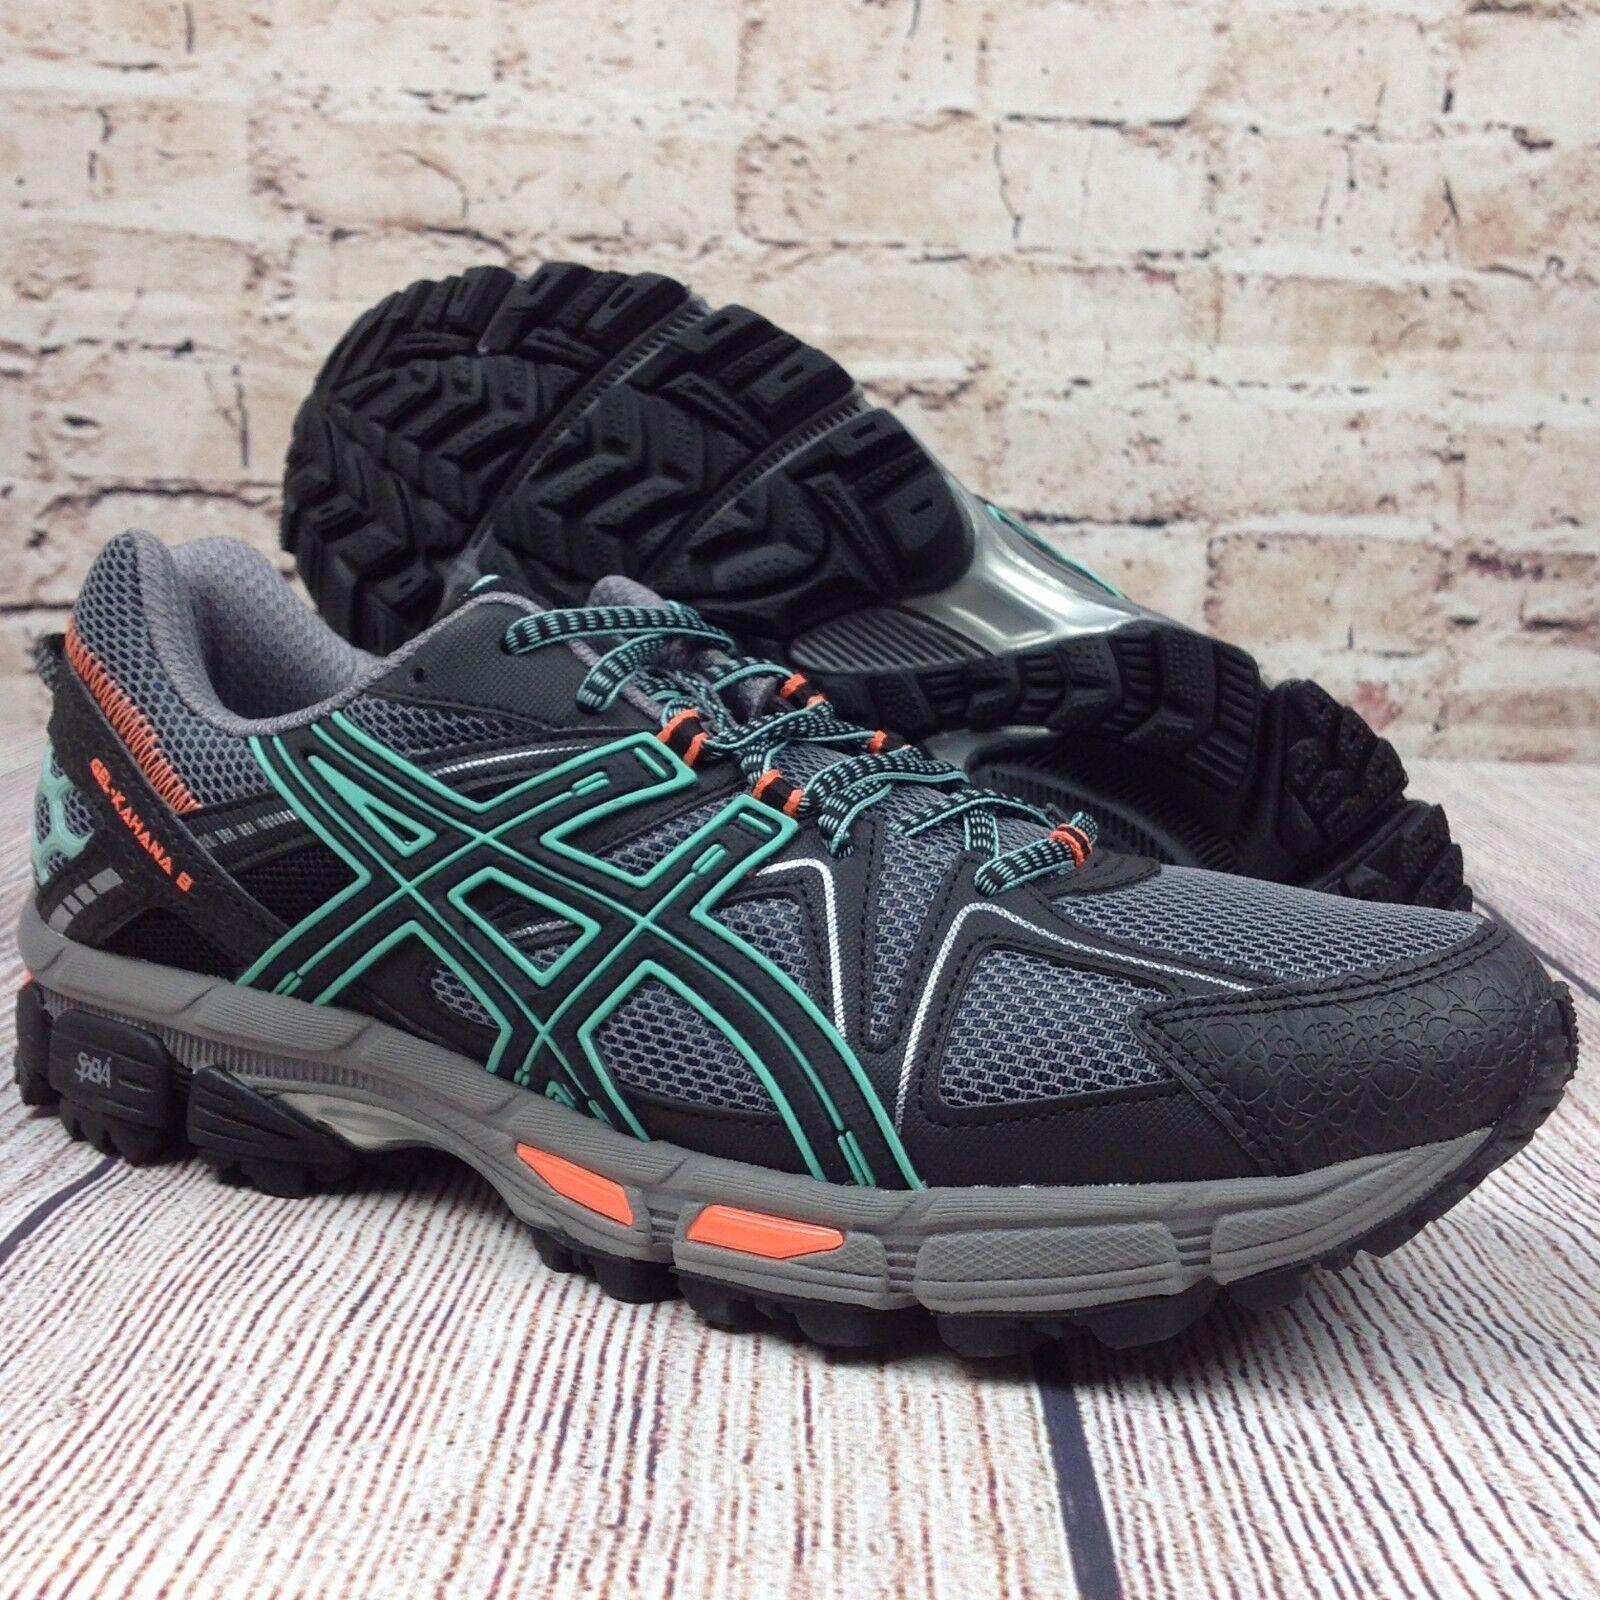 solo para ti Asics Gel-Kahana 8 Correr Zapatilla de deporte deporte deporte para mujer Negro Hielo verde Zapatos  70% de descuento